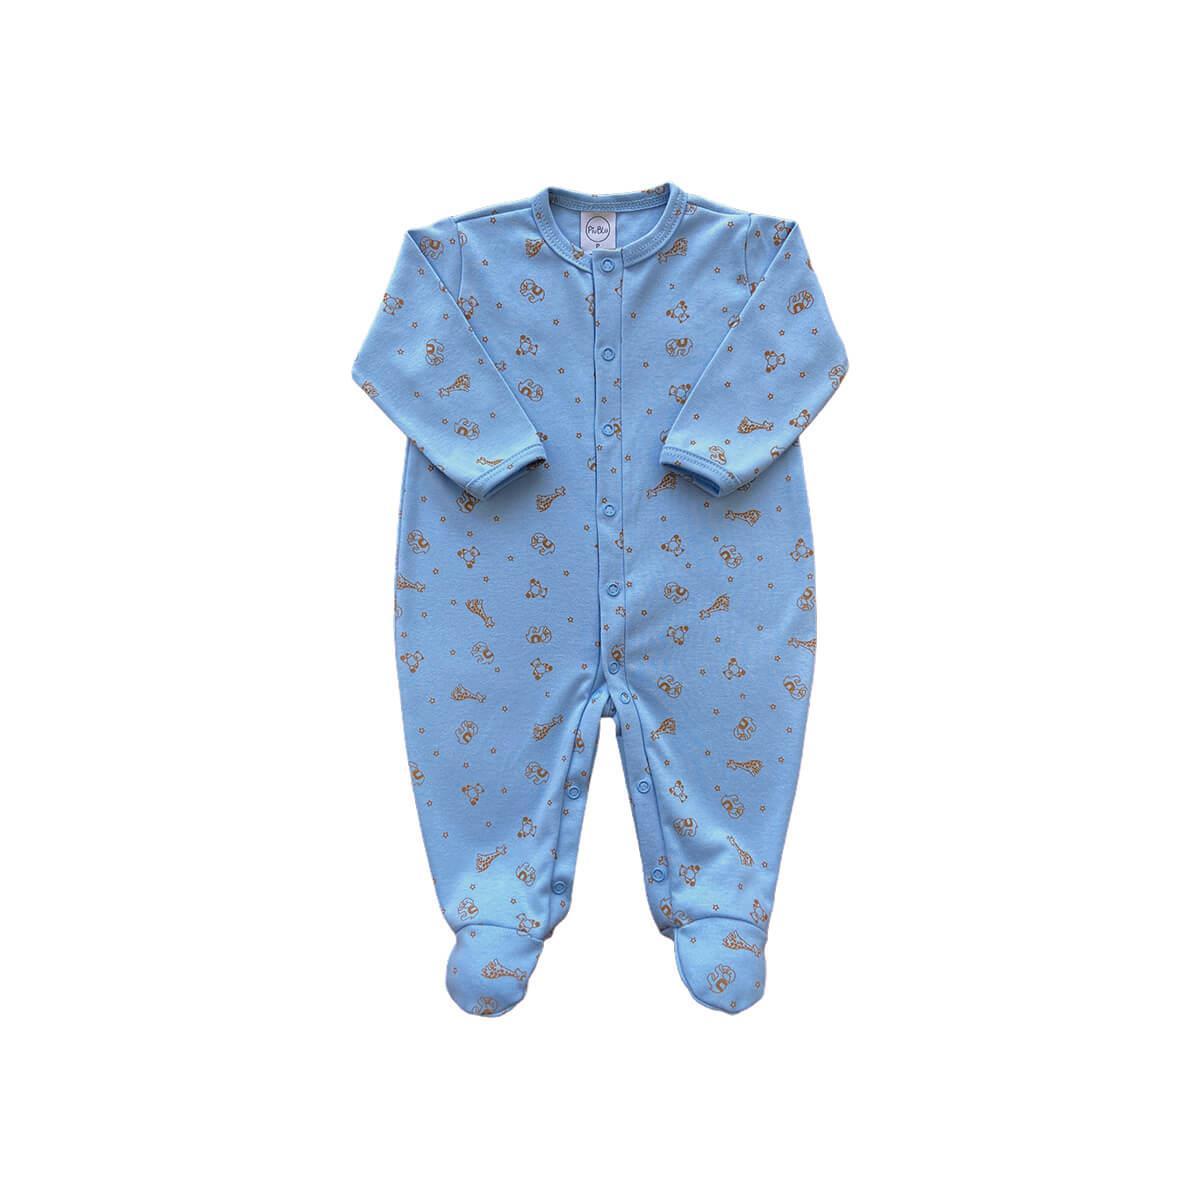 Macacão Básico Bichinhos Azul Bebê - Tamanhos RN e P com pezinho; M, G e XG sem pezinho